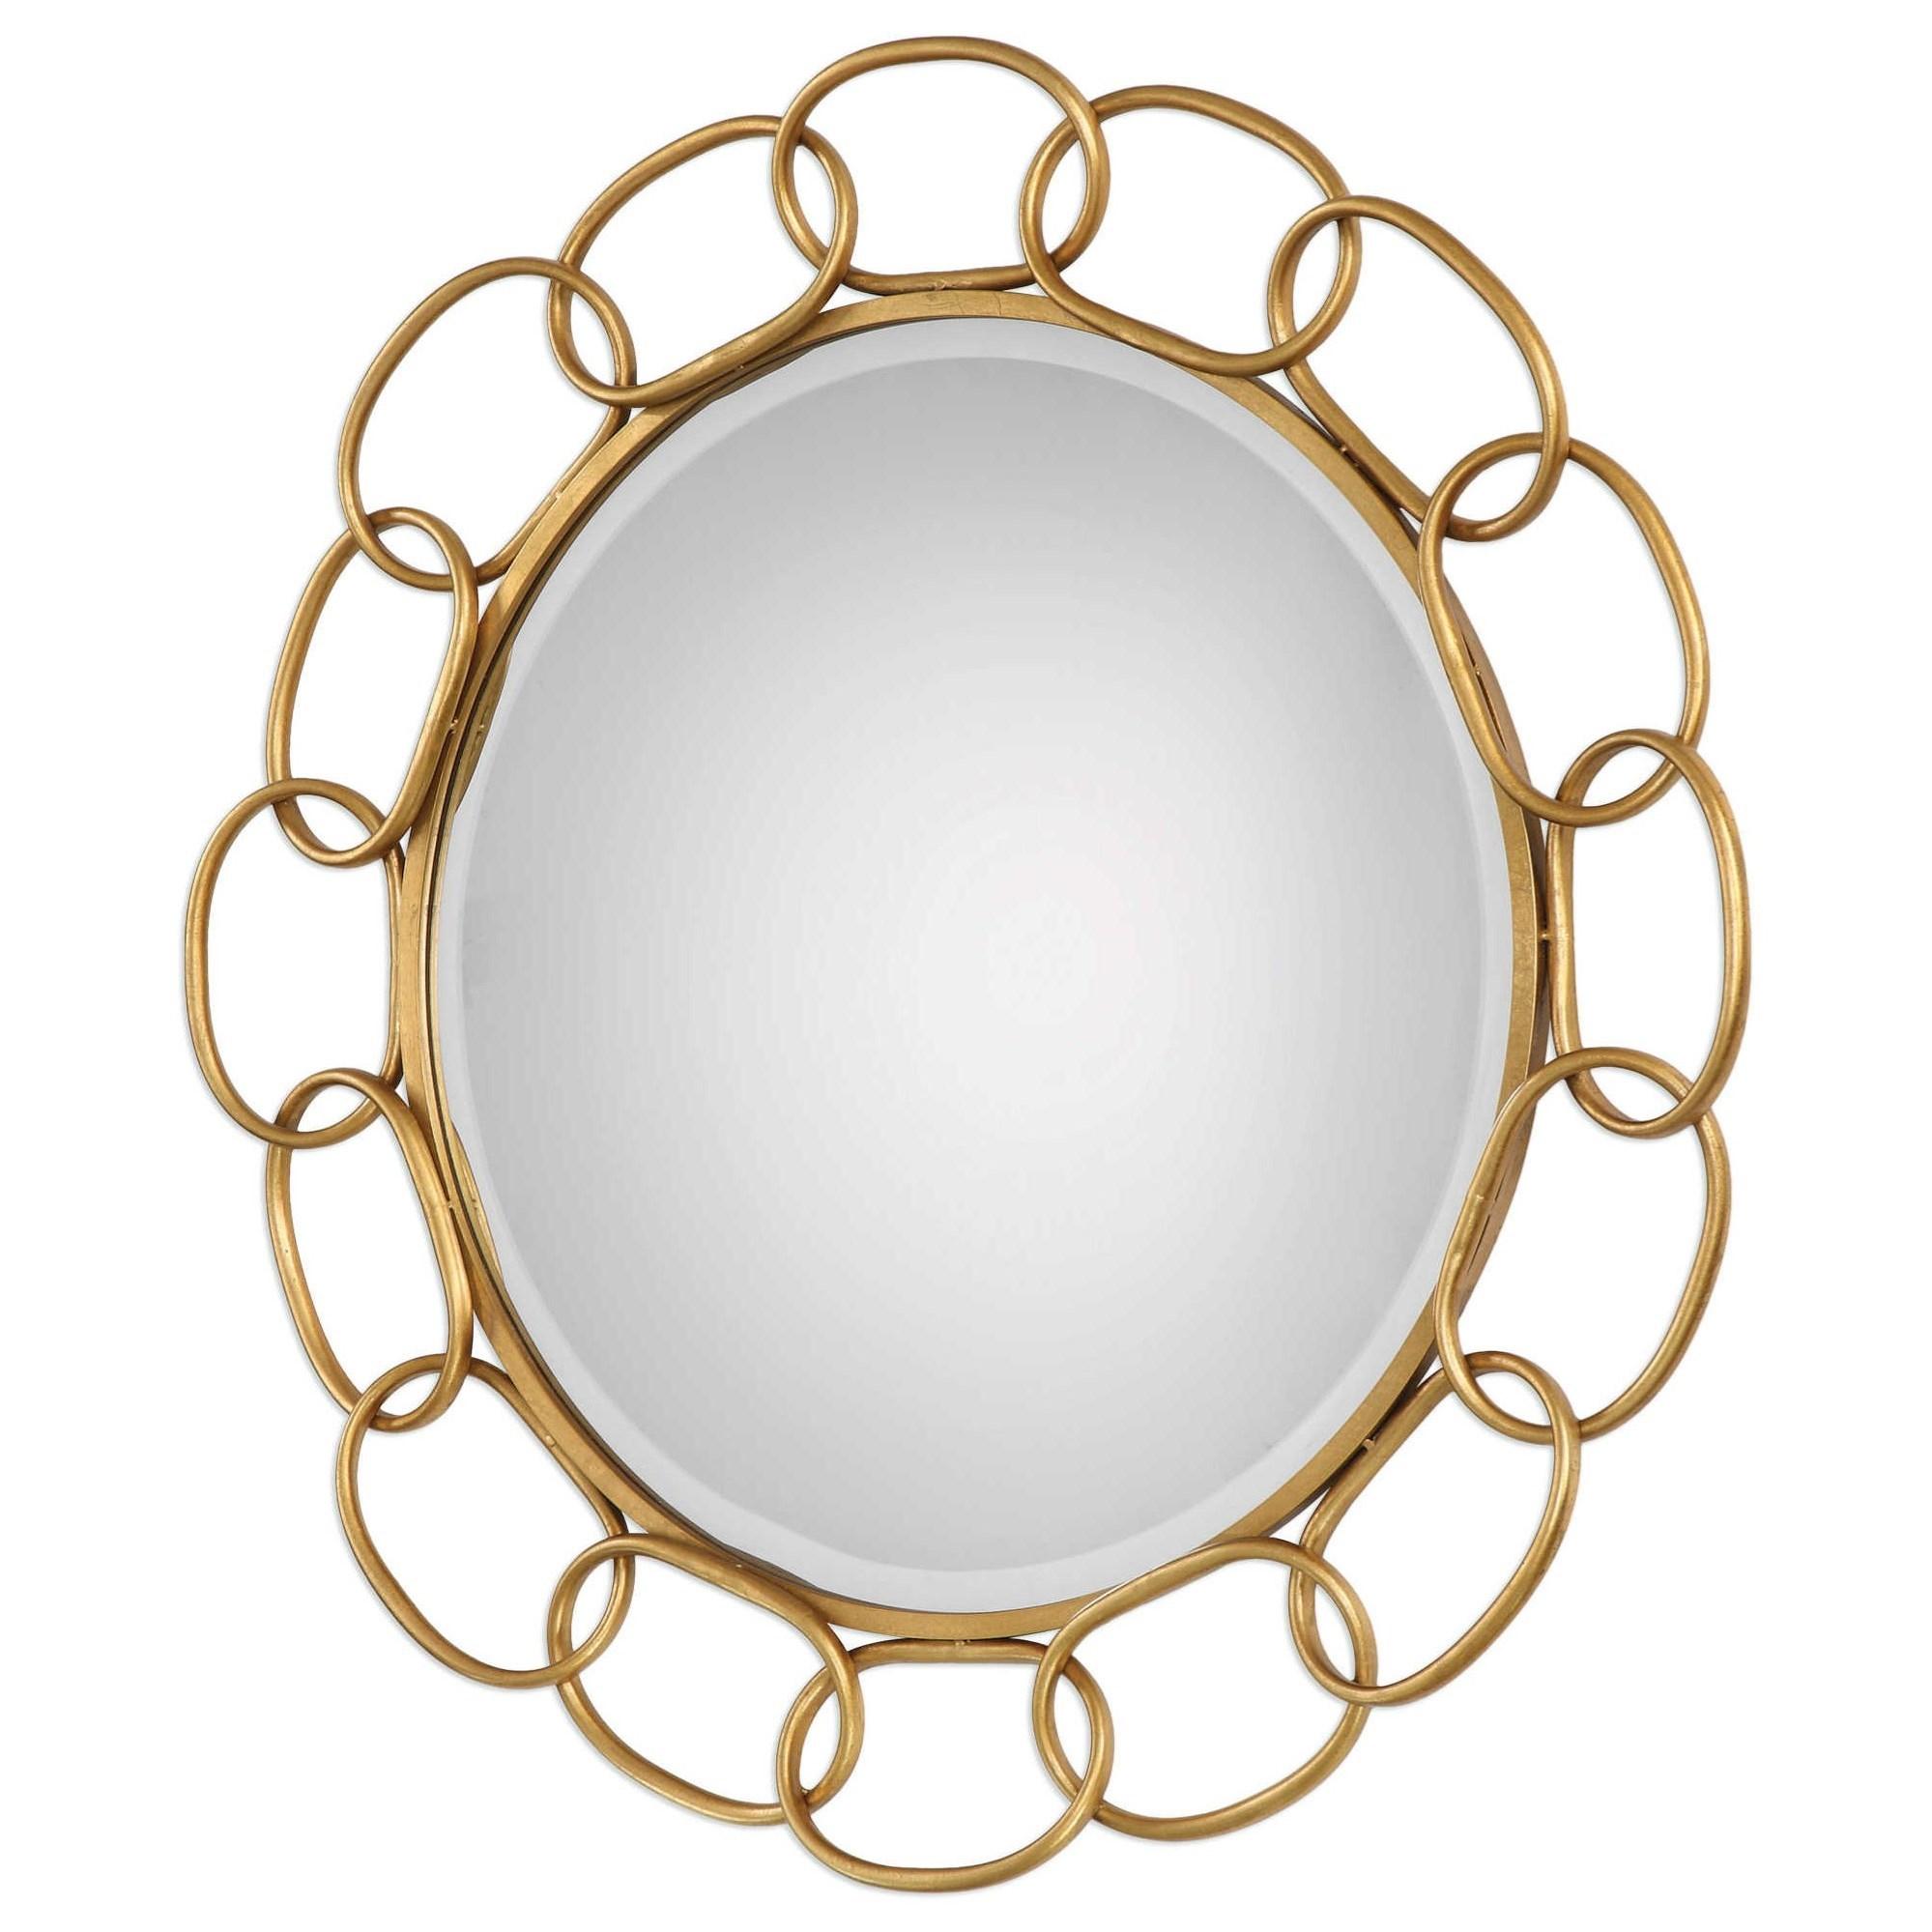 Uttermost MirrorsCirculus Gold Round Mirror; Uttermost MirrorsCirculus Gold  Round Mirror ...